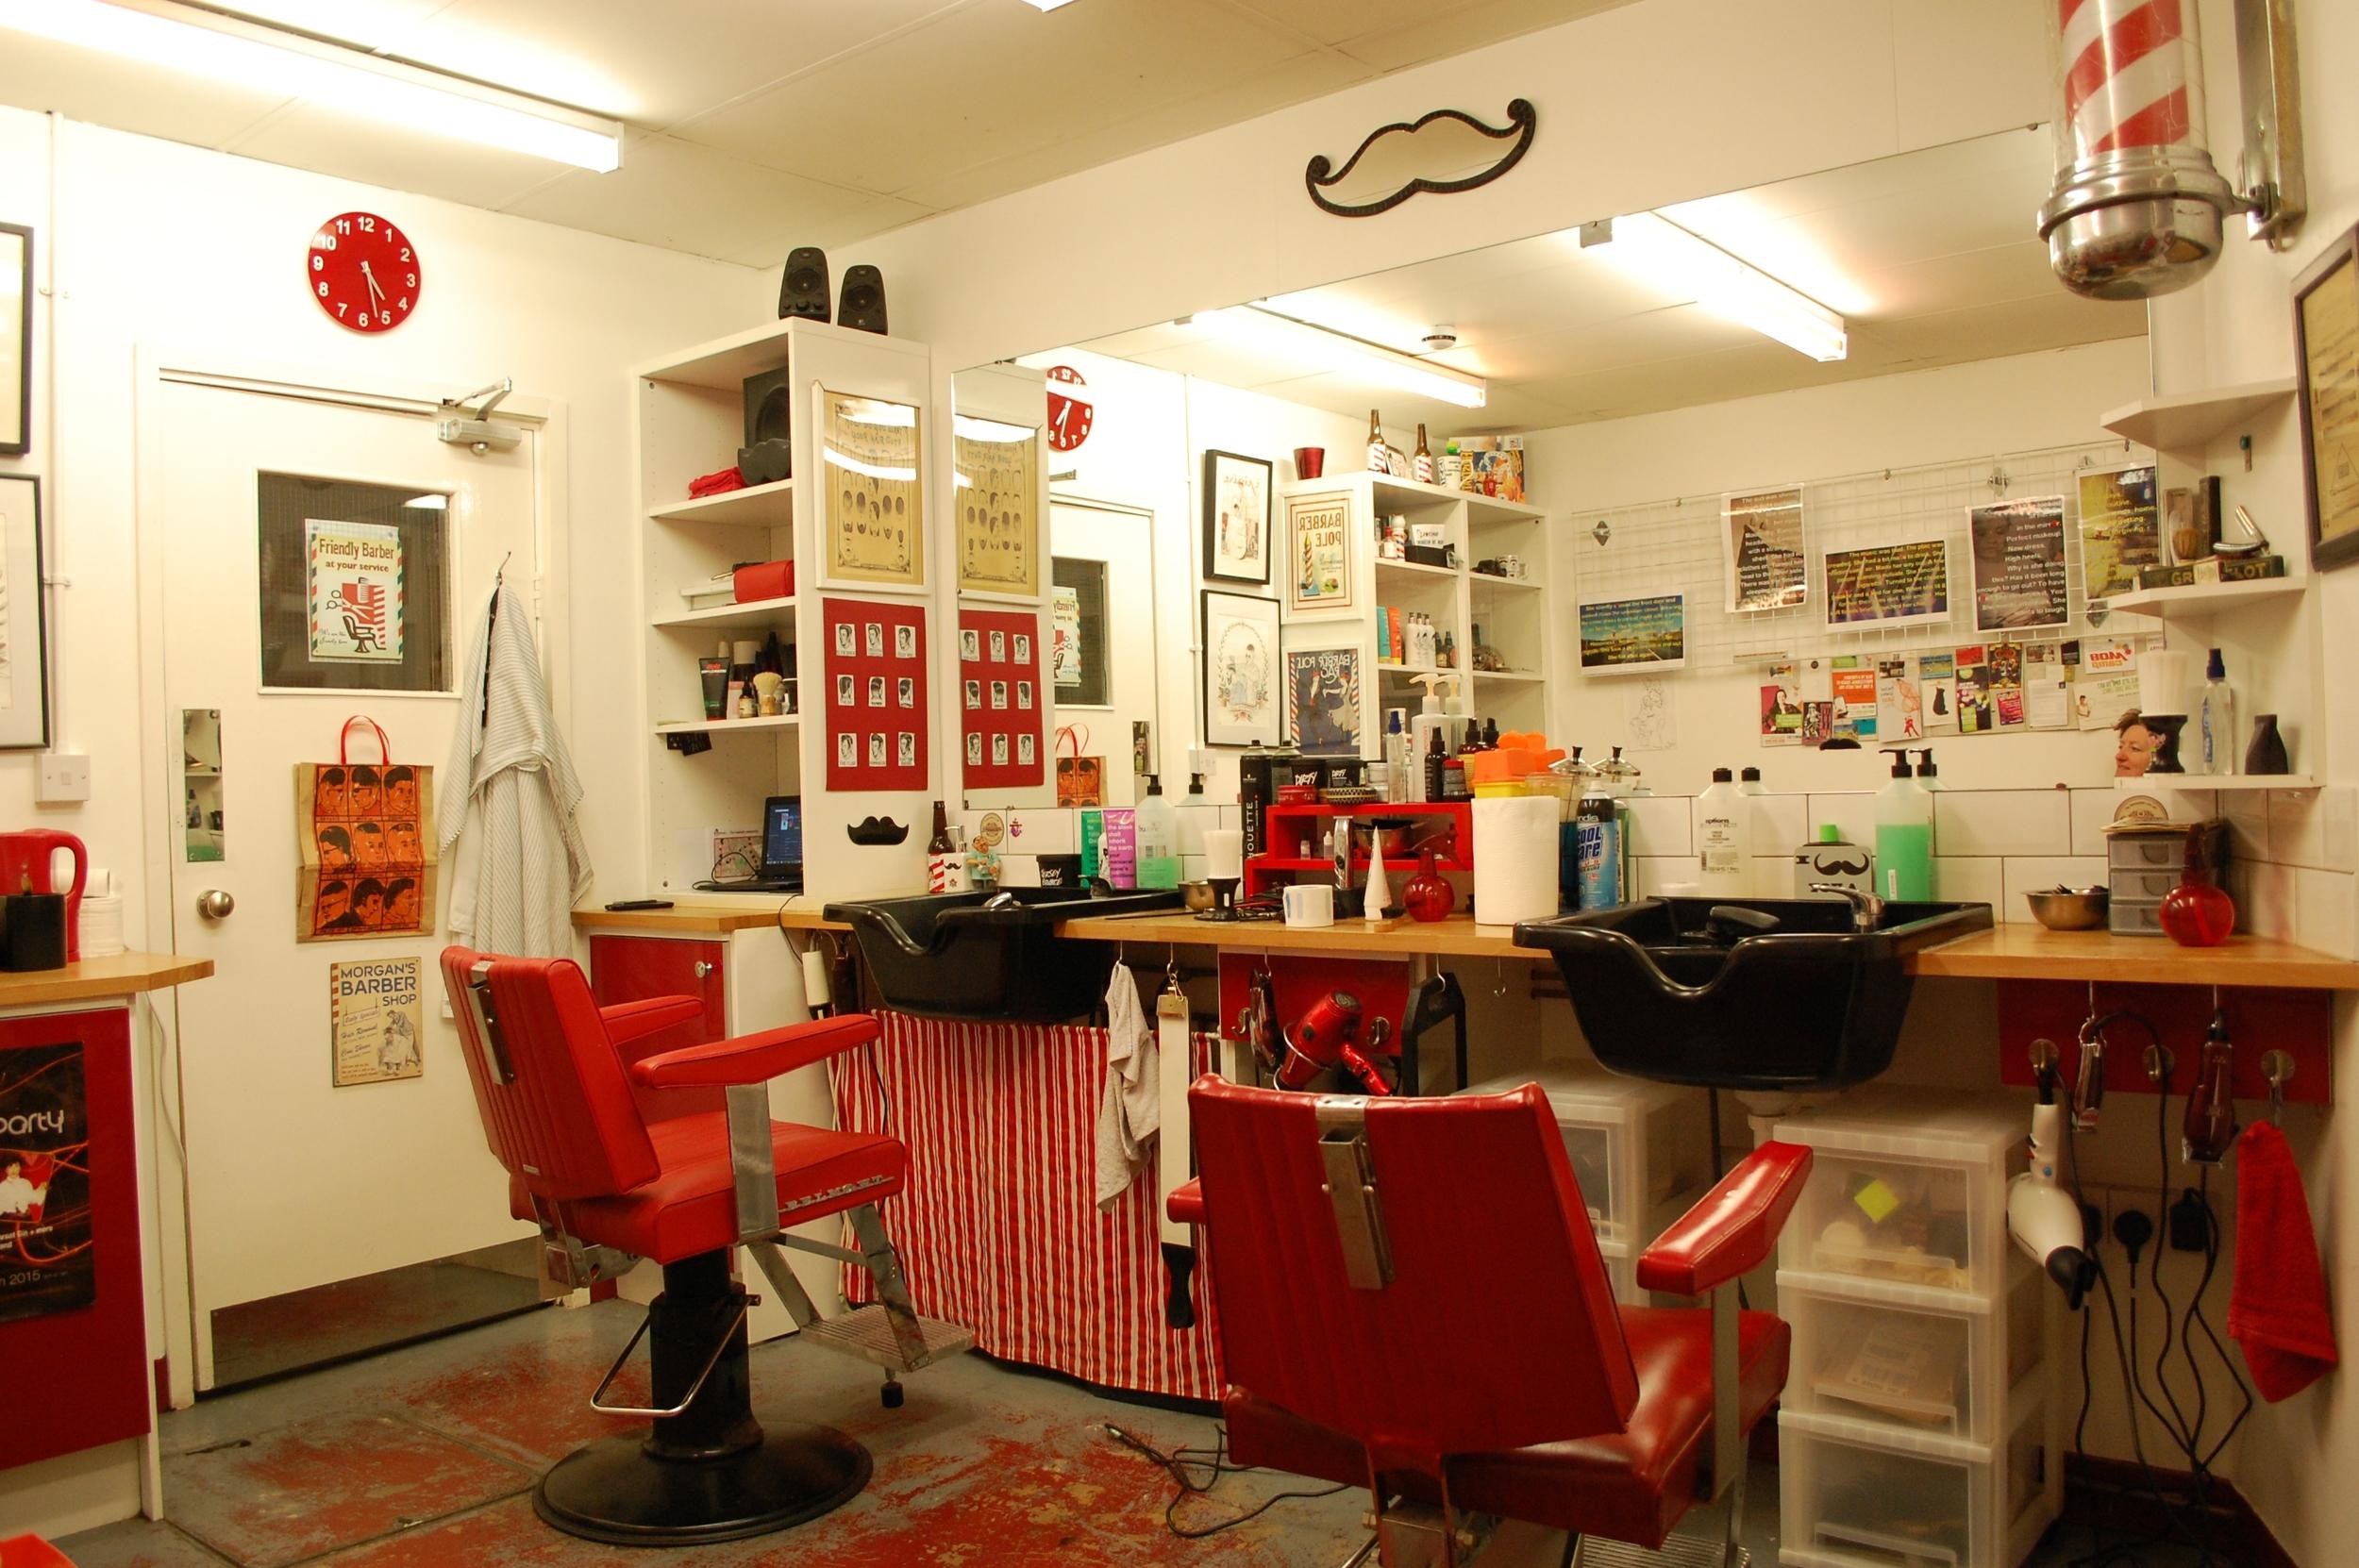 Shop picture taken by the BBC World Service Vibeke Venema